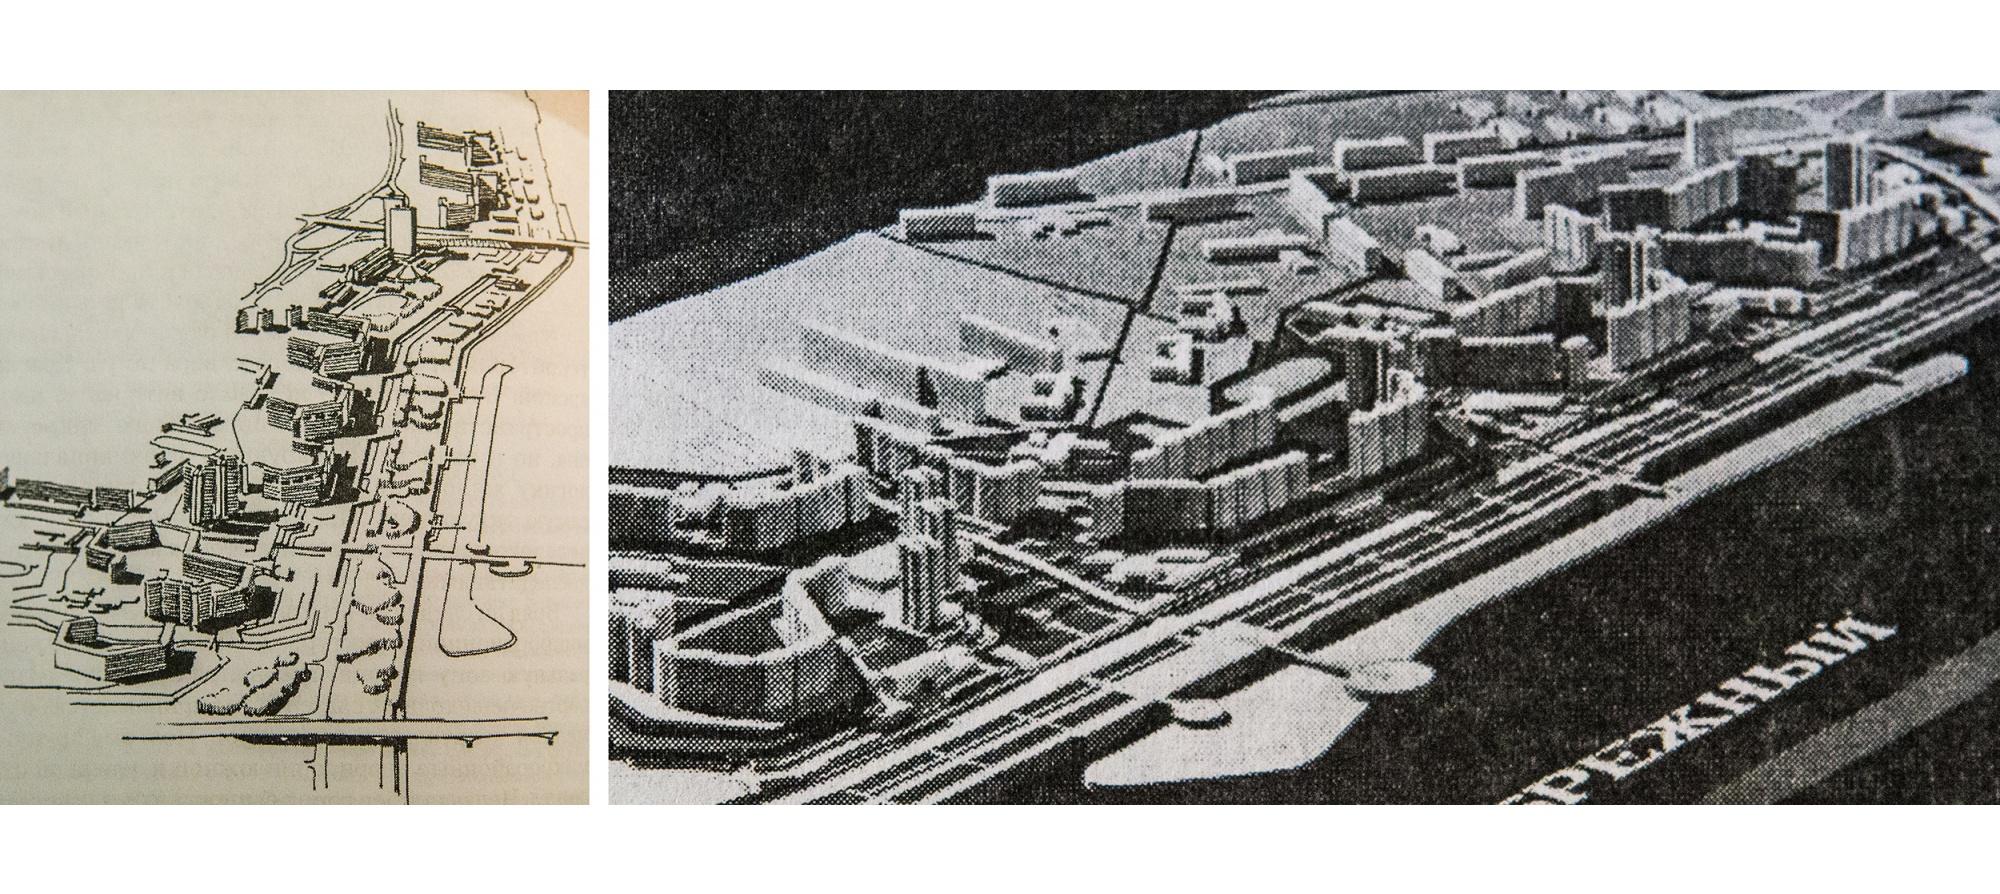 Проект застройки «Прибрежного» 1980-х годов